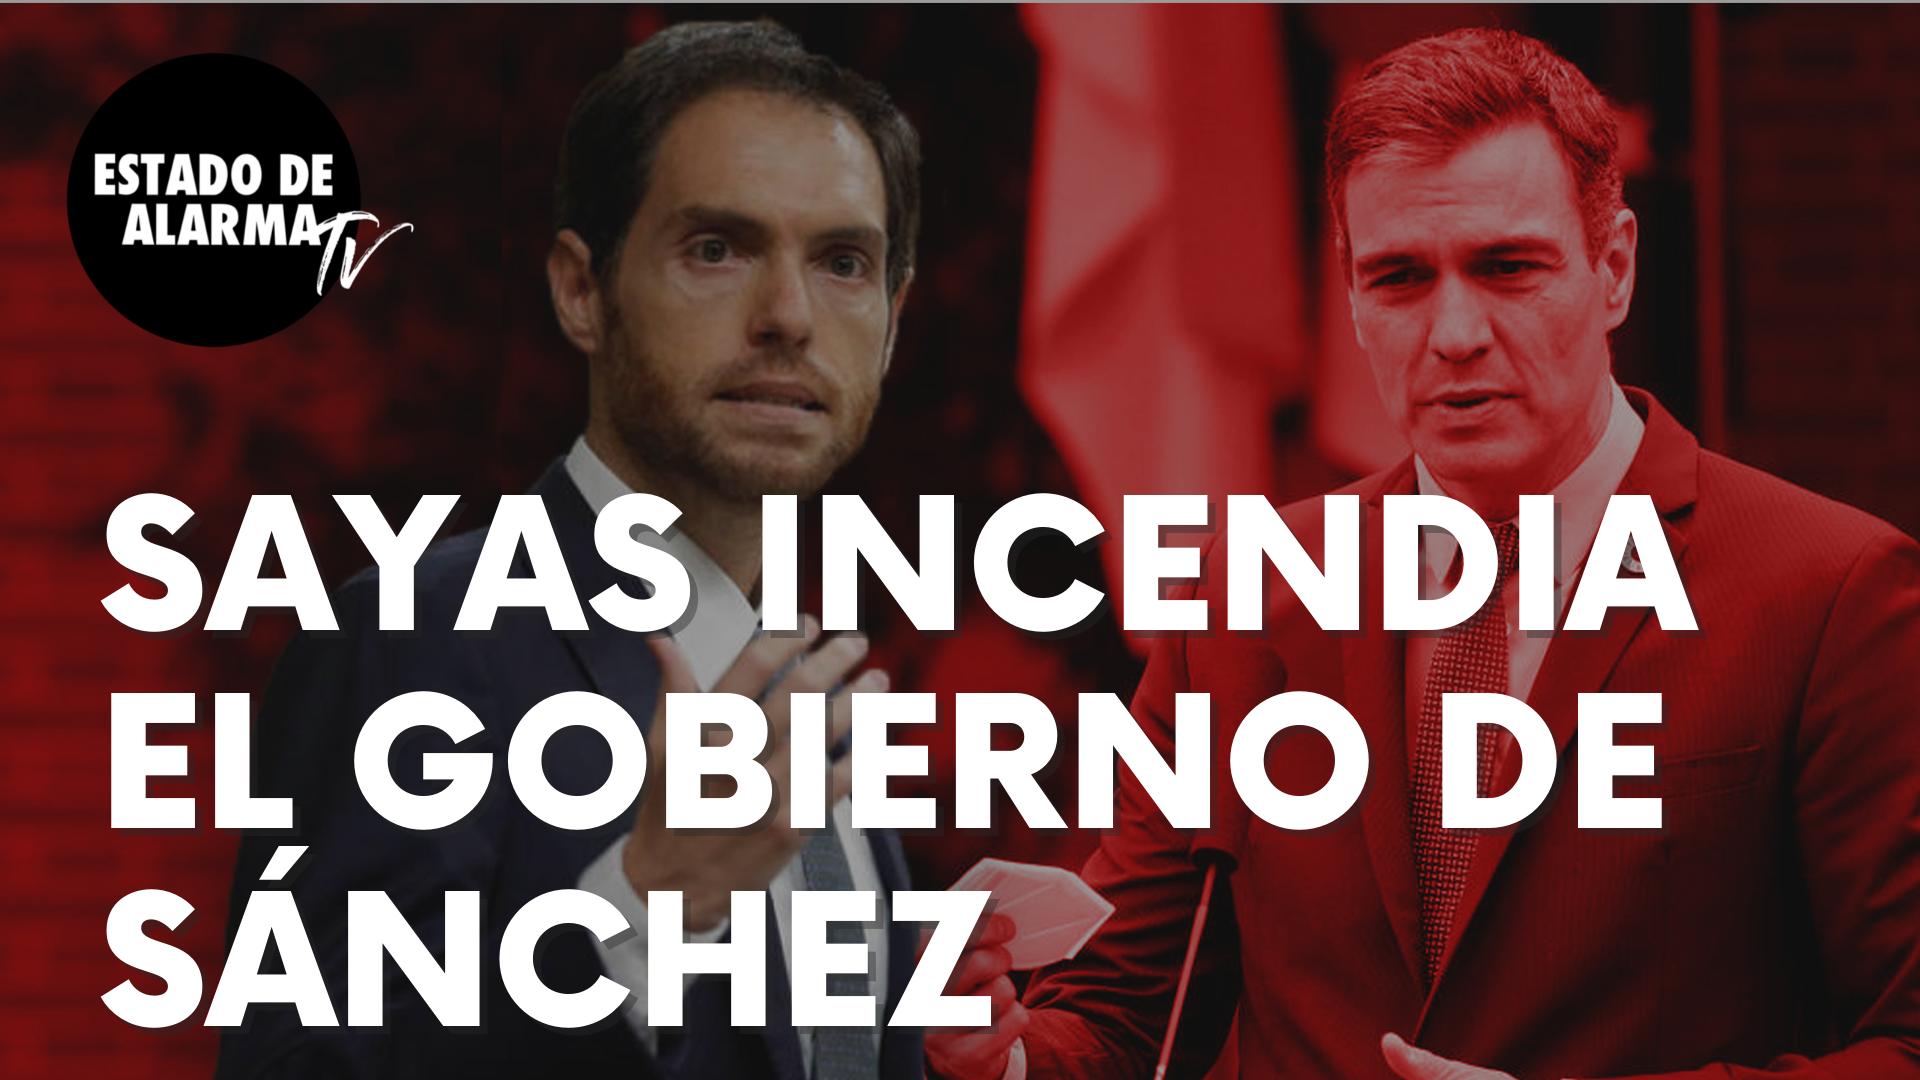 """Las palabras de Sergio Sayas en el Congreso que incendian el Gobierno de Sánchez: """"Están robando..."""""""